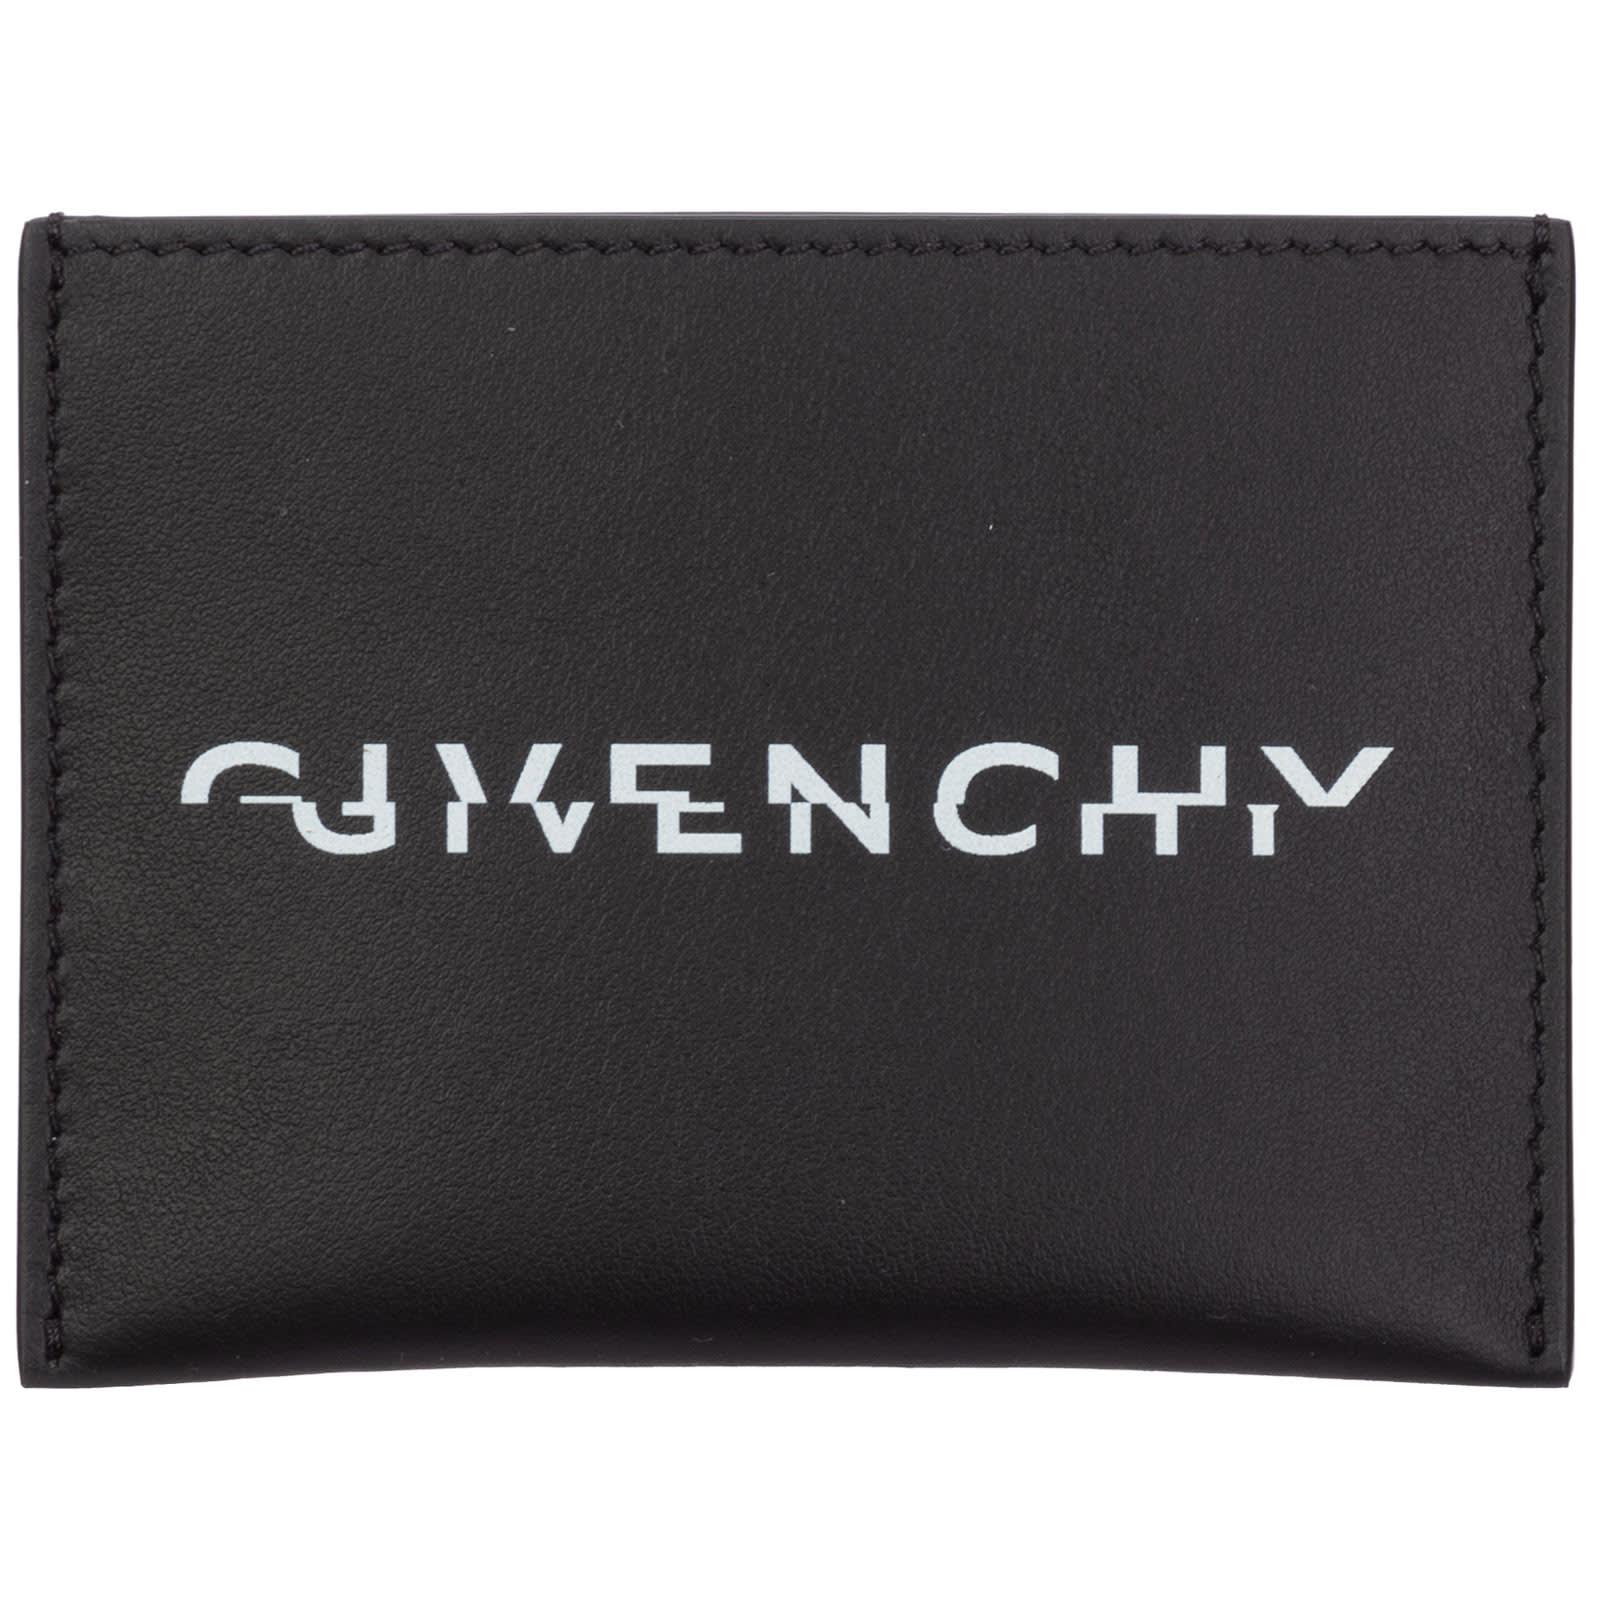 Givenchy Split Credit Card Holder